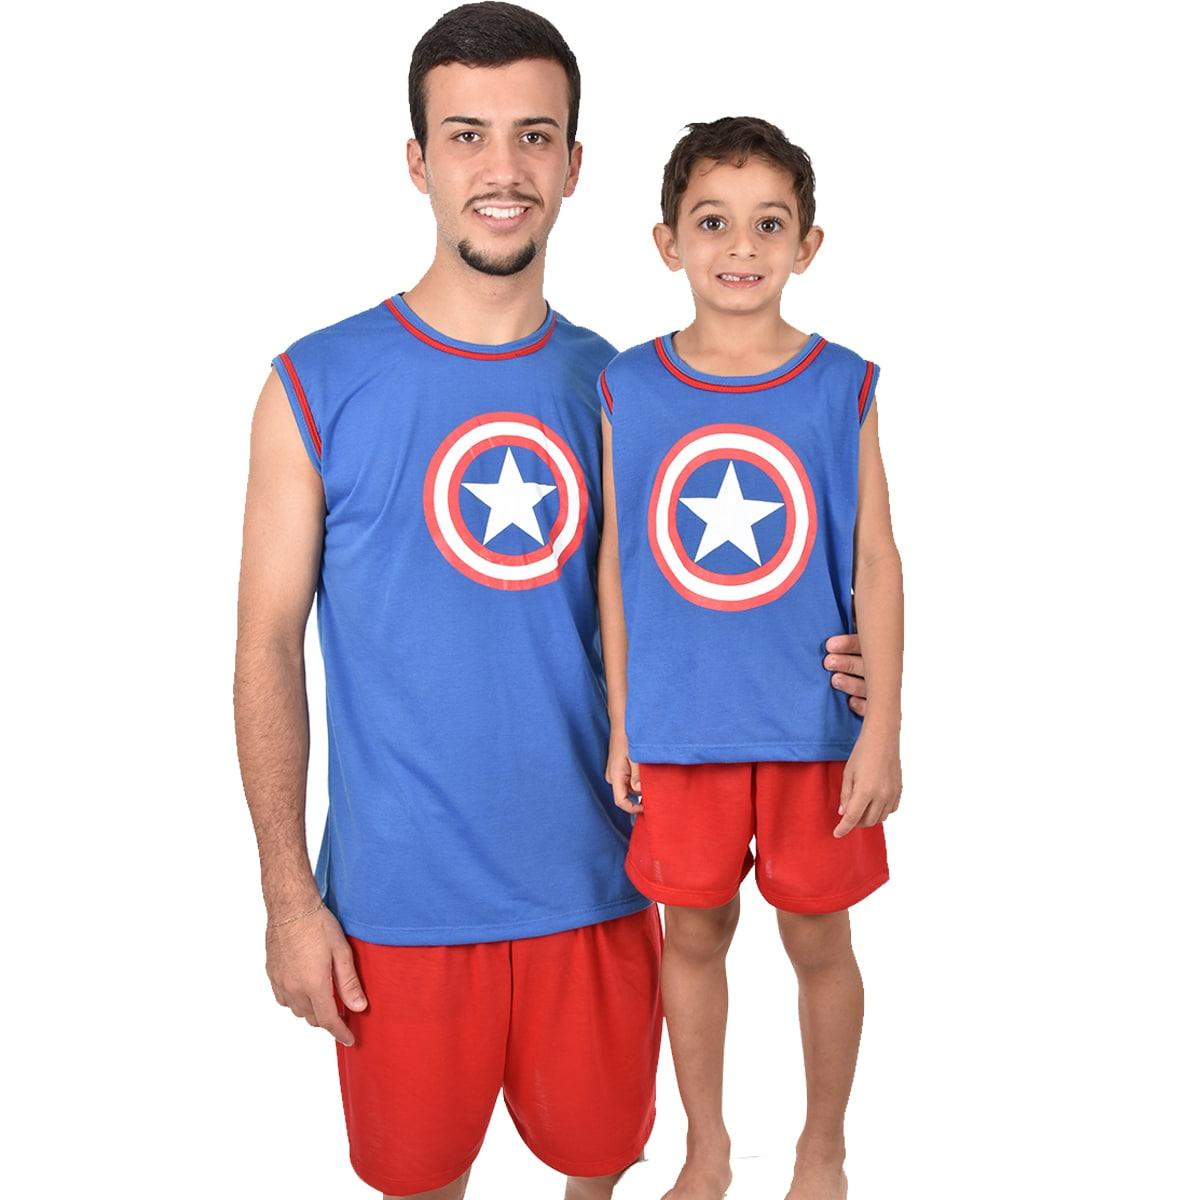 Pijama Regata Short Masculino Infantil Menino Capitão América Vingadores Ref 356